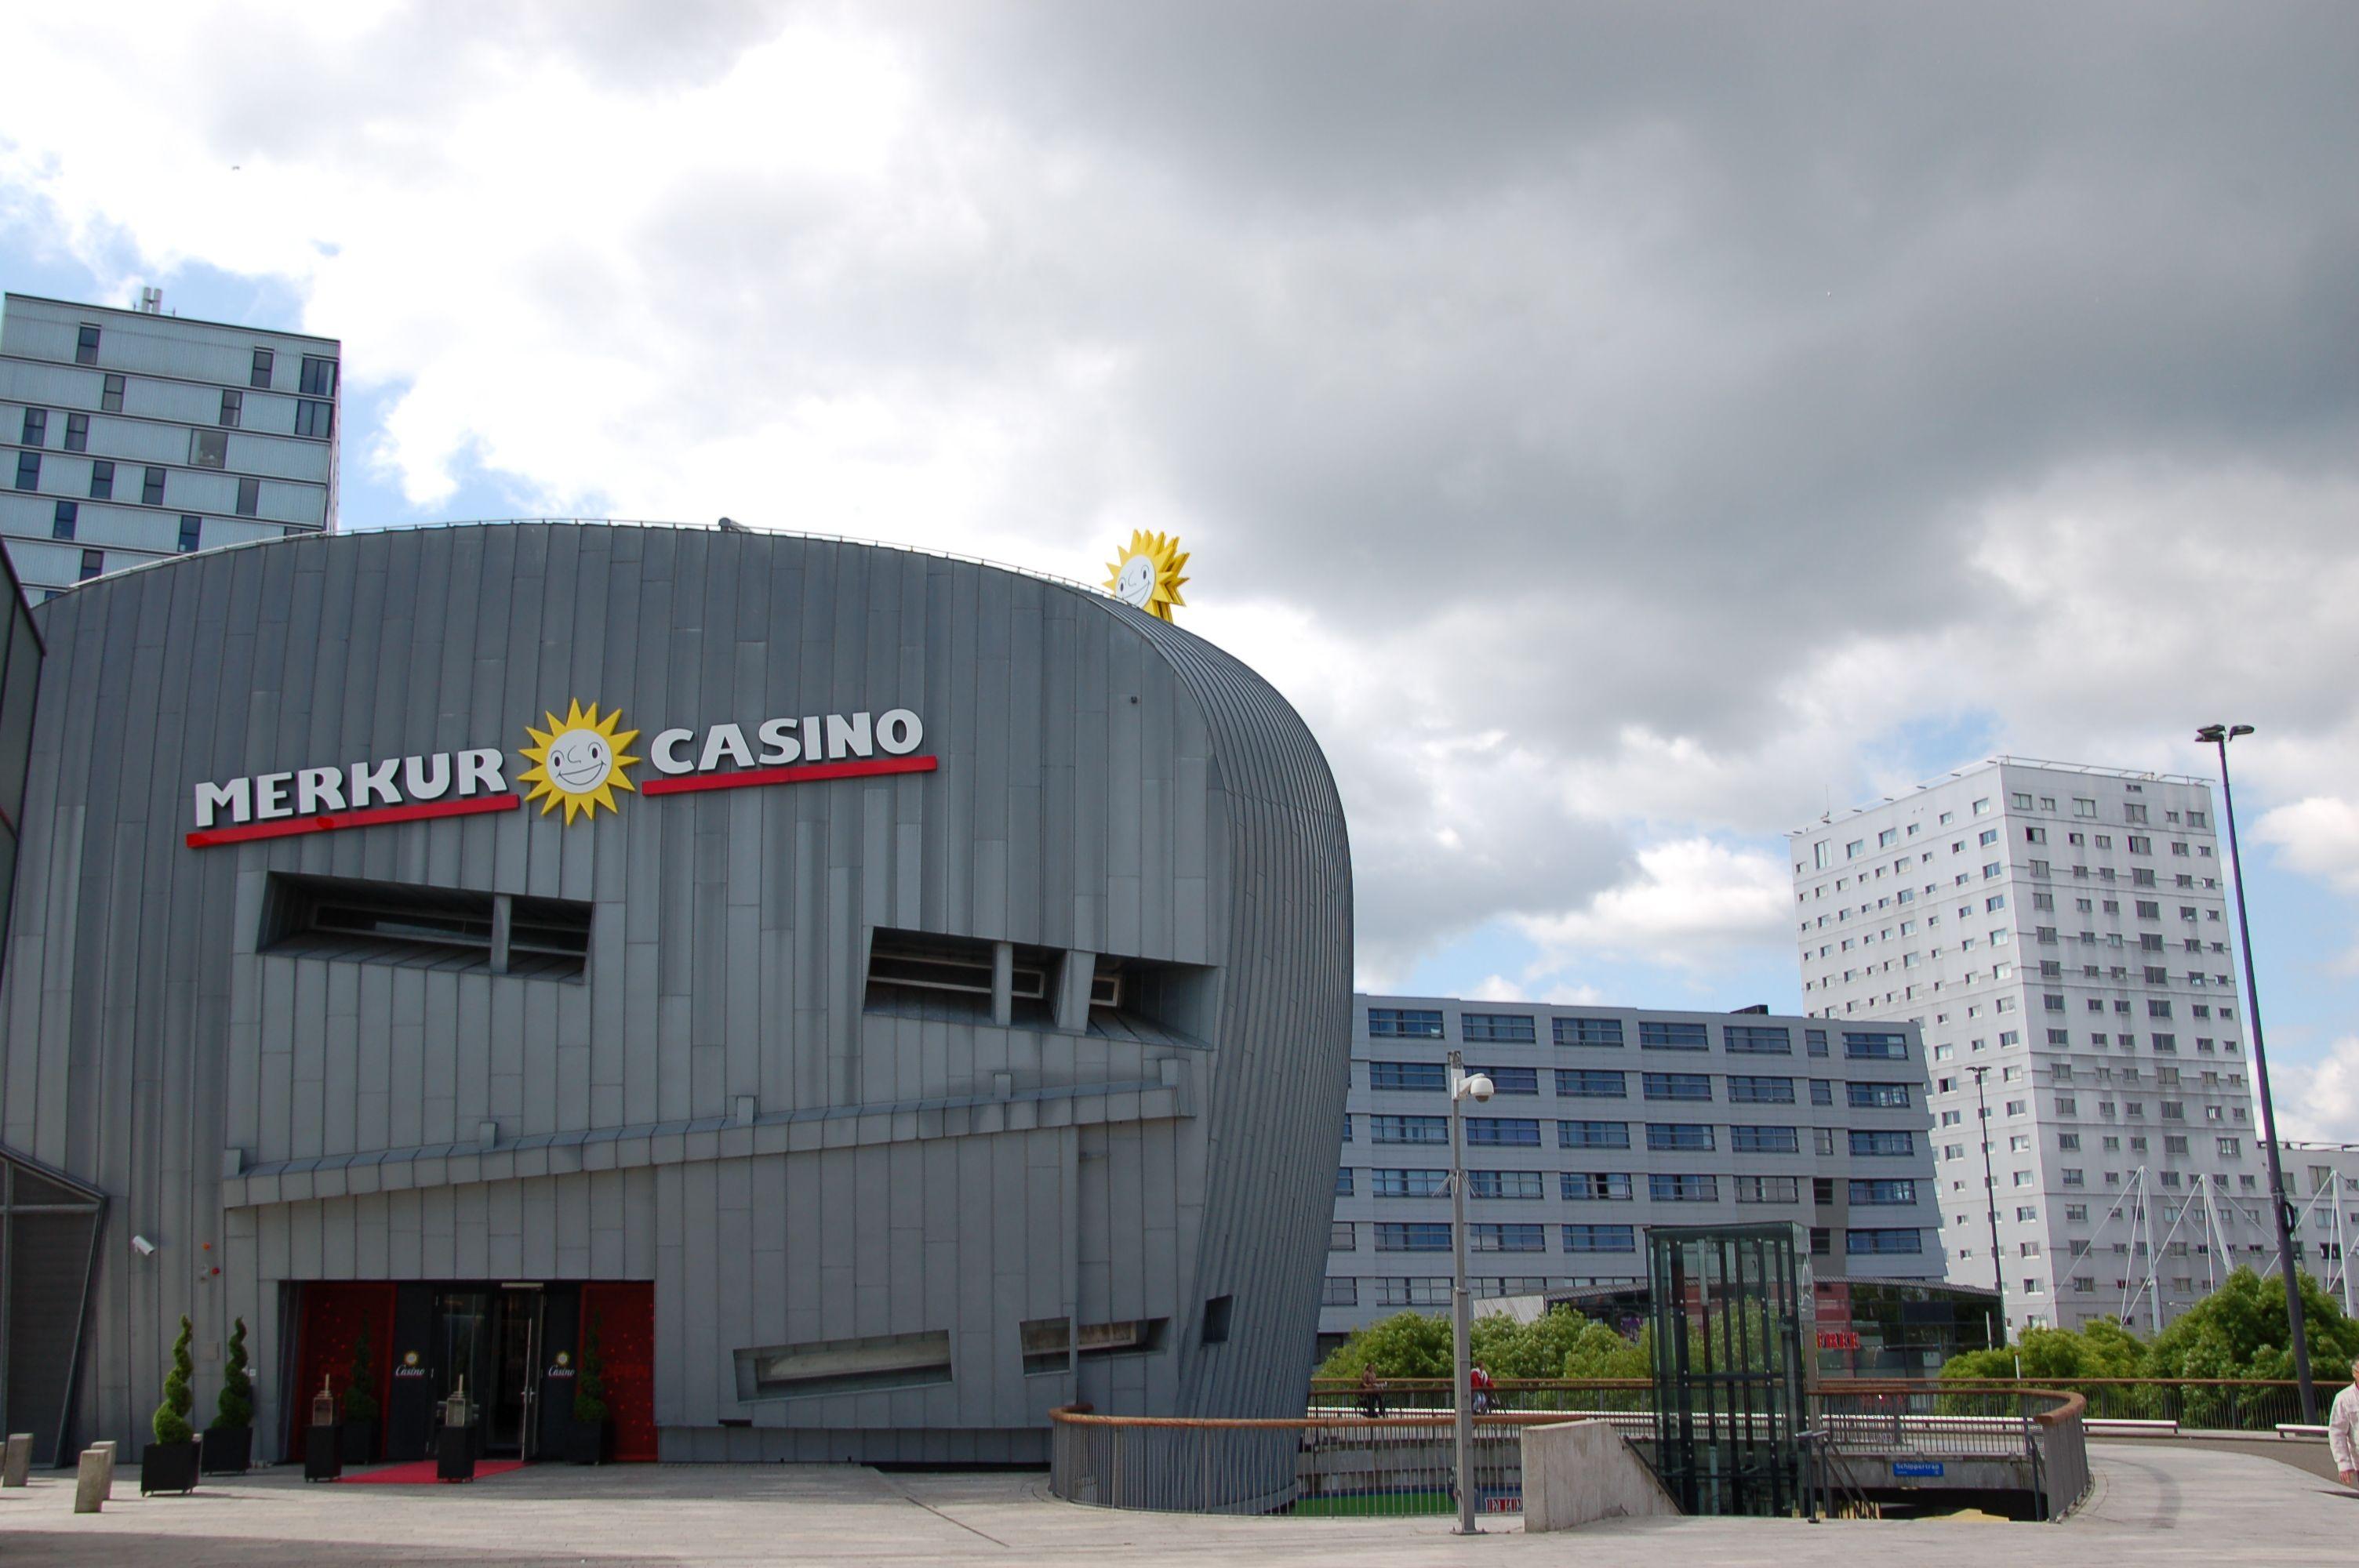 Hymnischer Niedergang: Das Muzinq mit seiner Zinkfassade war eine Konzerthalle, die der britische Architekt Will Alsop entworfen hat. Die Musiker konnten die Leute nicht begeistern - jetzt ist ein Casino eingezogen. (Bild: Ralf Johnen)